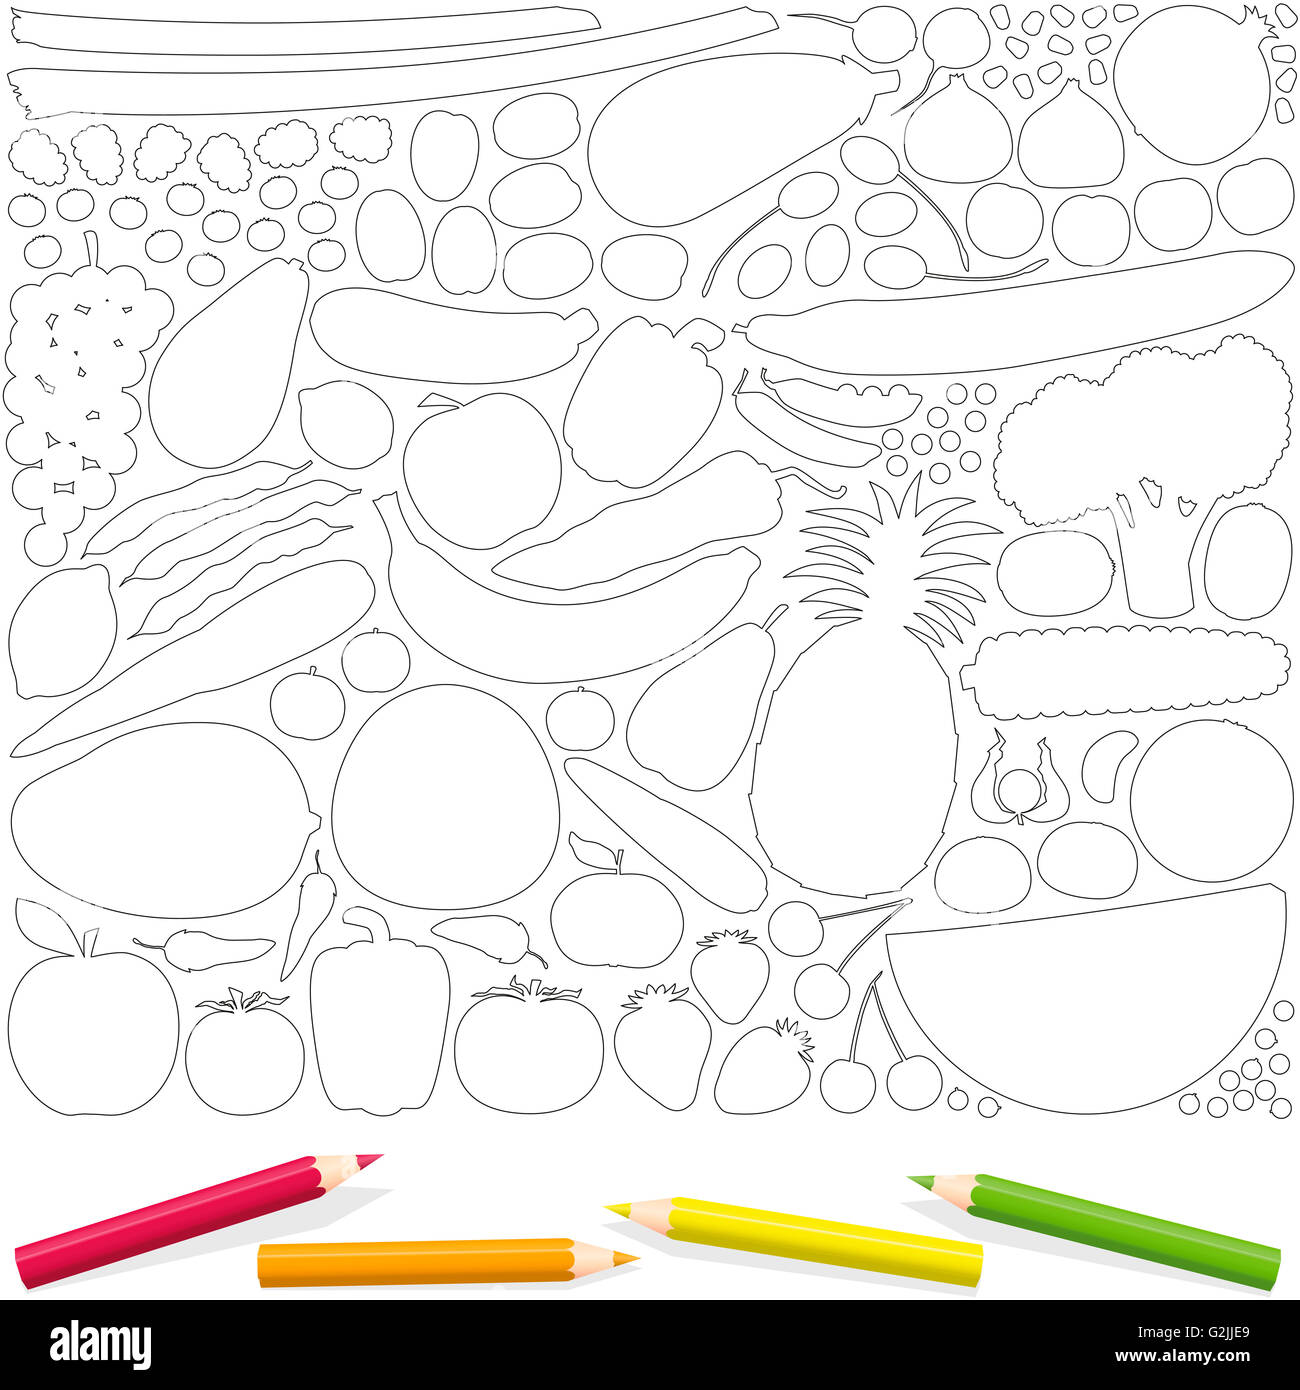 Worksheet Color Wheel Cupcakes